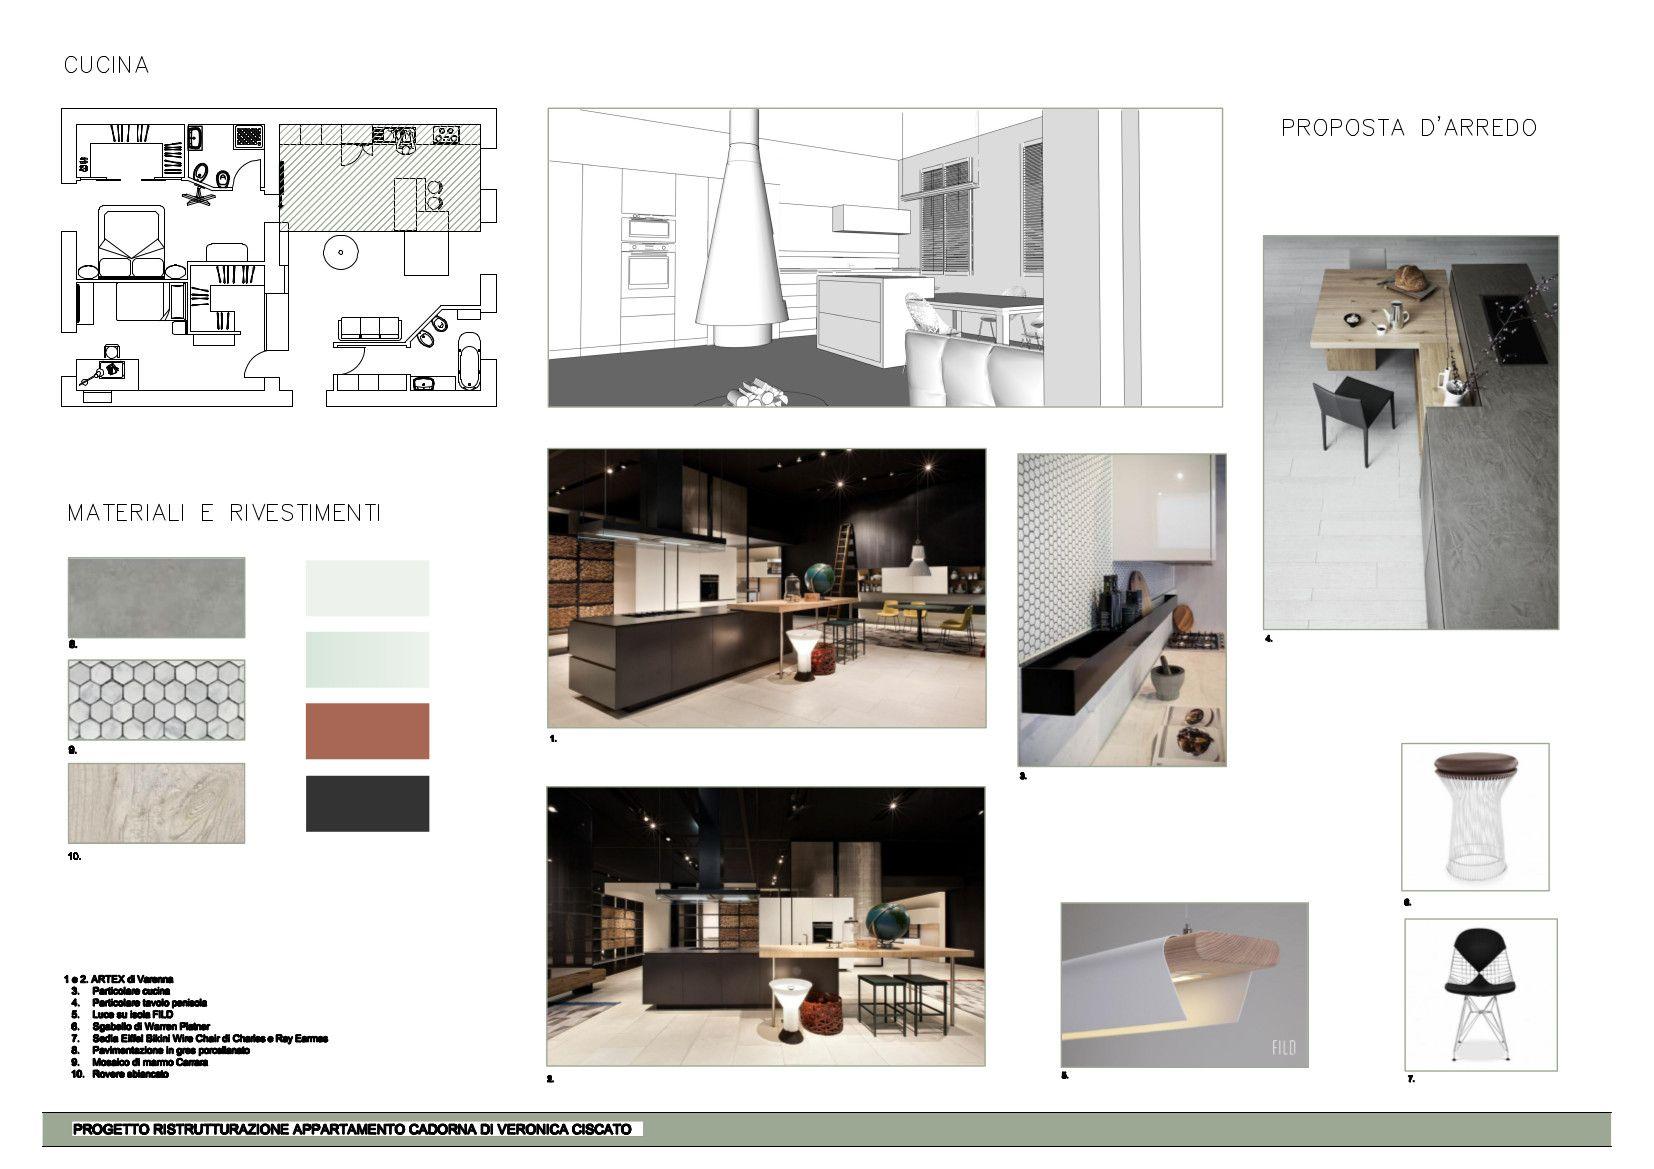 Corsi Di Architettura D Interni.Corso Interior Design Livello Base Madeininterior It Progetto Di Veronica Ciscato Design Interior Design Progettazione